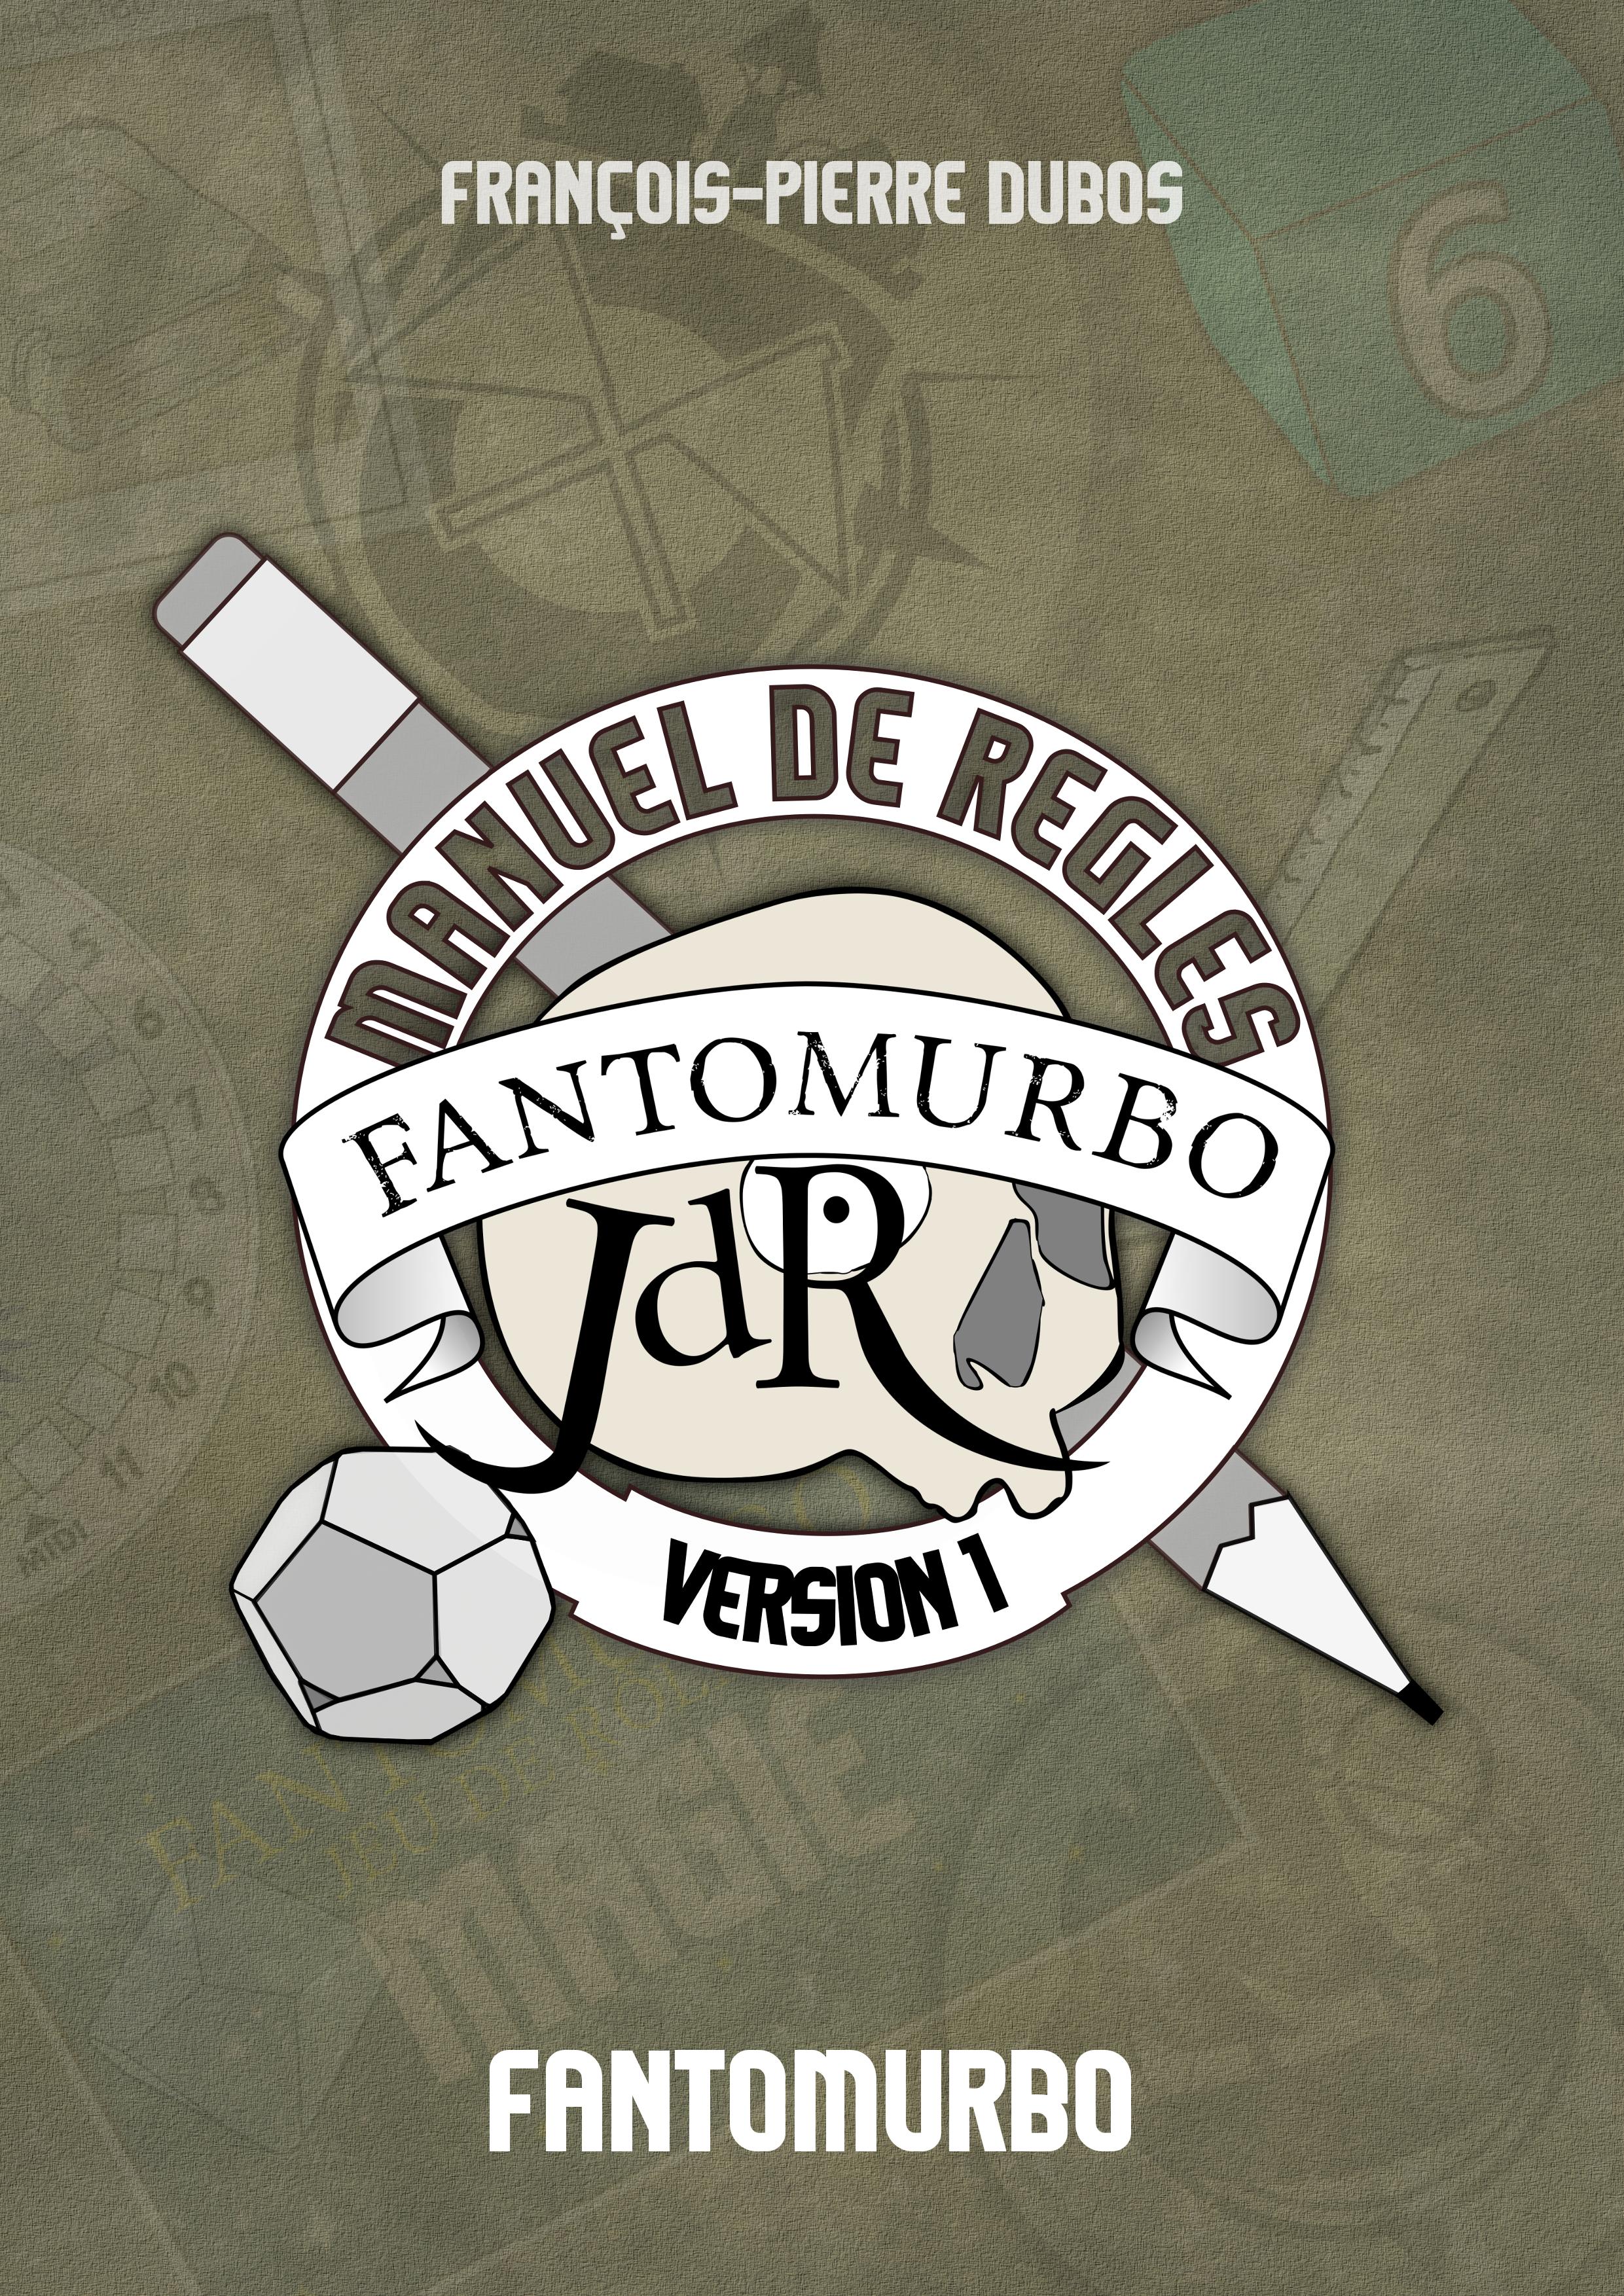 FANTOMURBO JDR - Manuel de règles